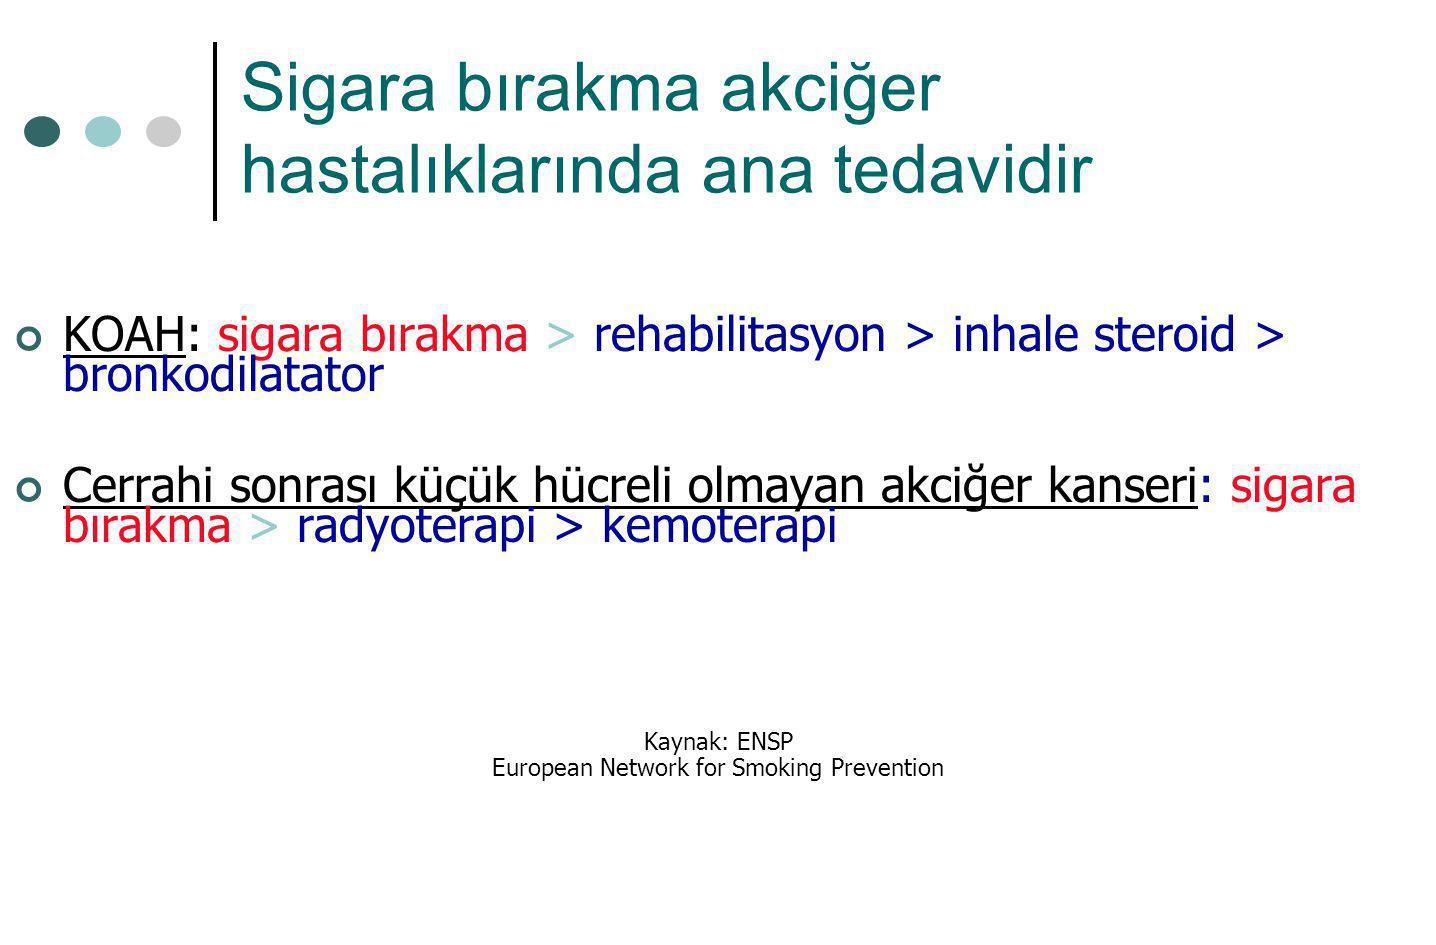 Sigara bırakma akciğer hastalıklarında ana tedavidir KOAH: sigara bırakma > rehabilitasyon > inhale steroid > bronkodilatator Cerrahi sonrası küçük hü